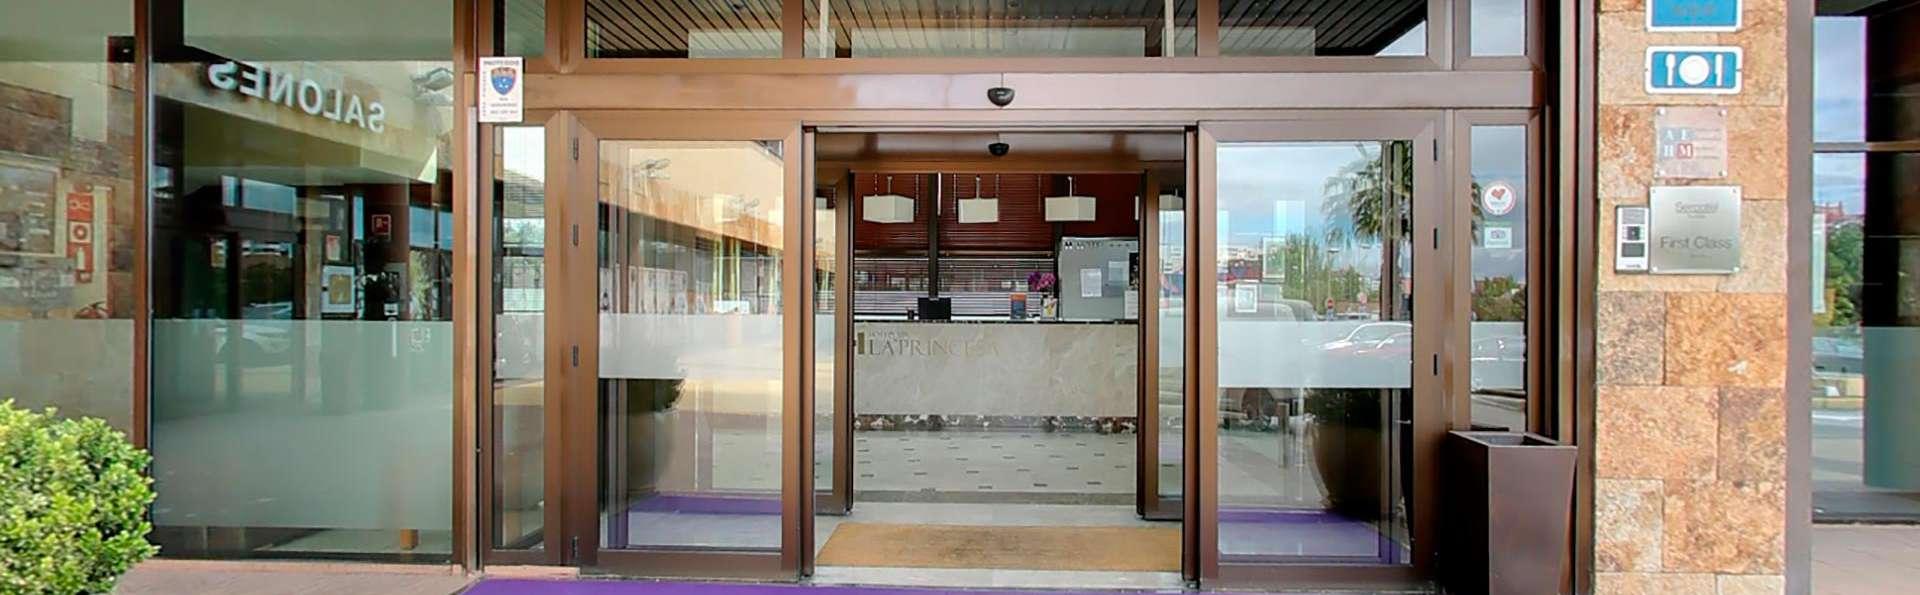 Hotel Spa La Princesa - EDIT_entry.jpg